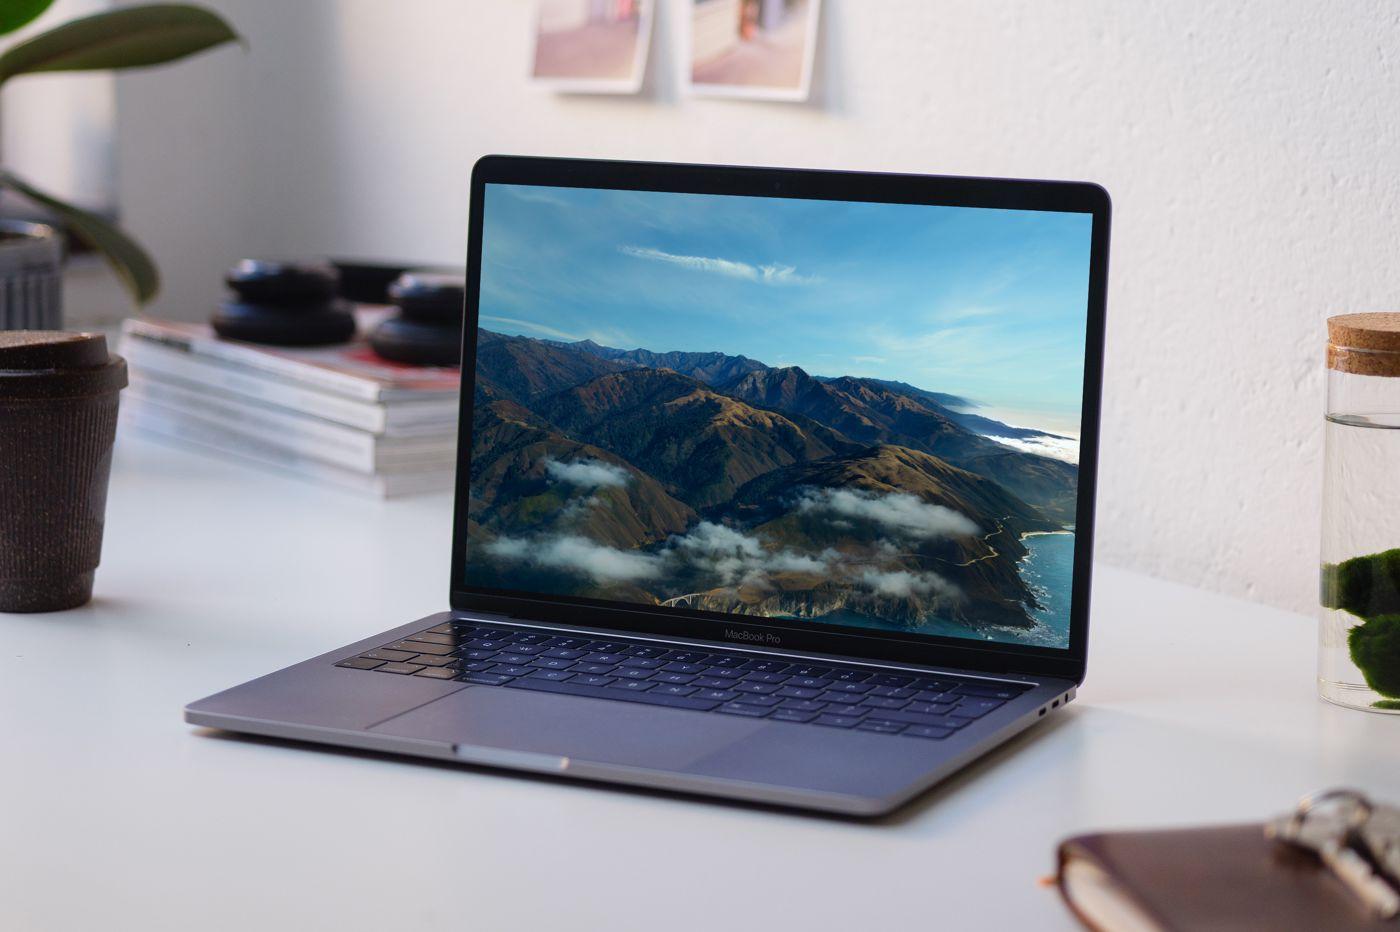 Fond d'écran macOS Big Sur